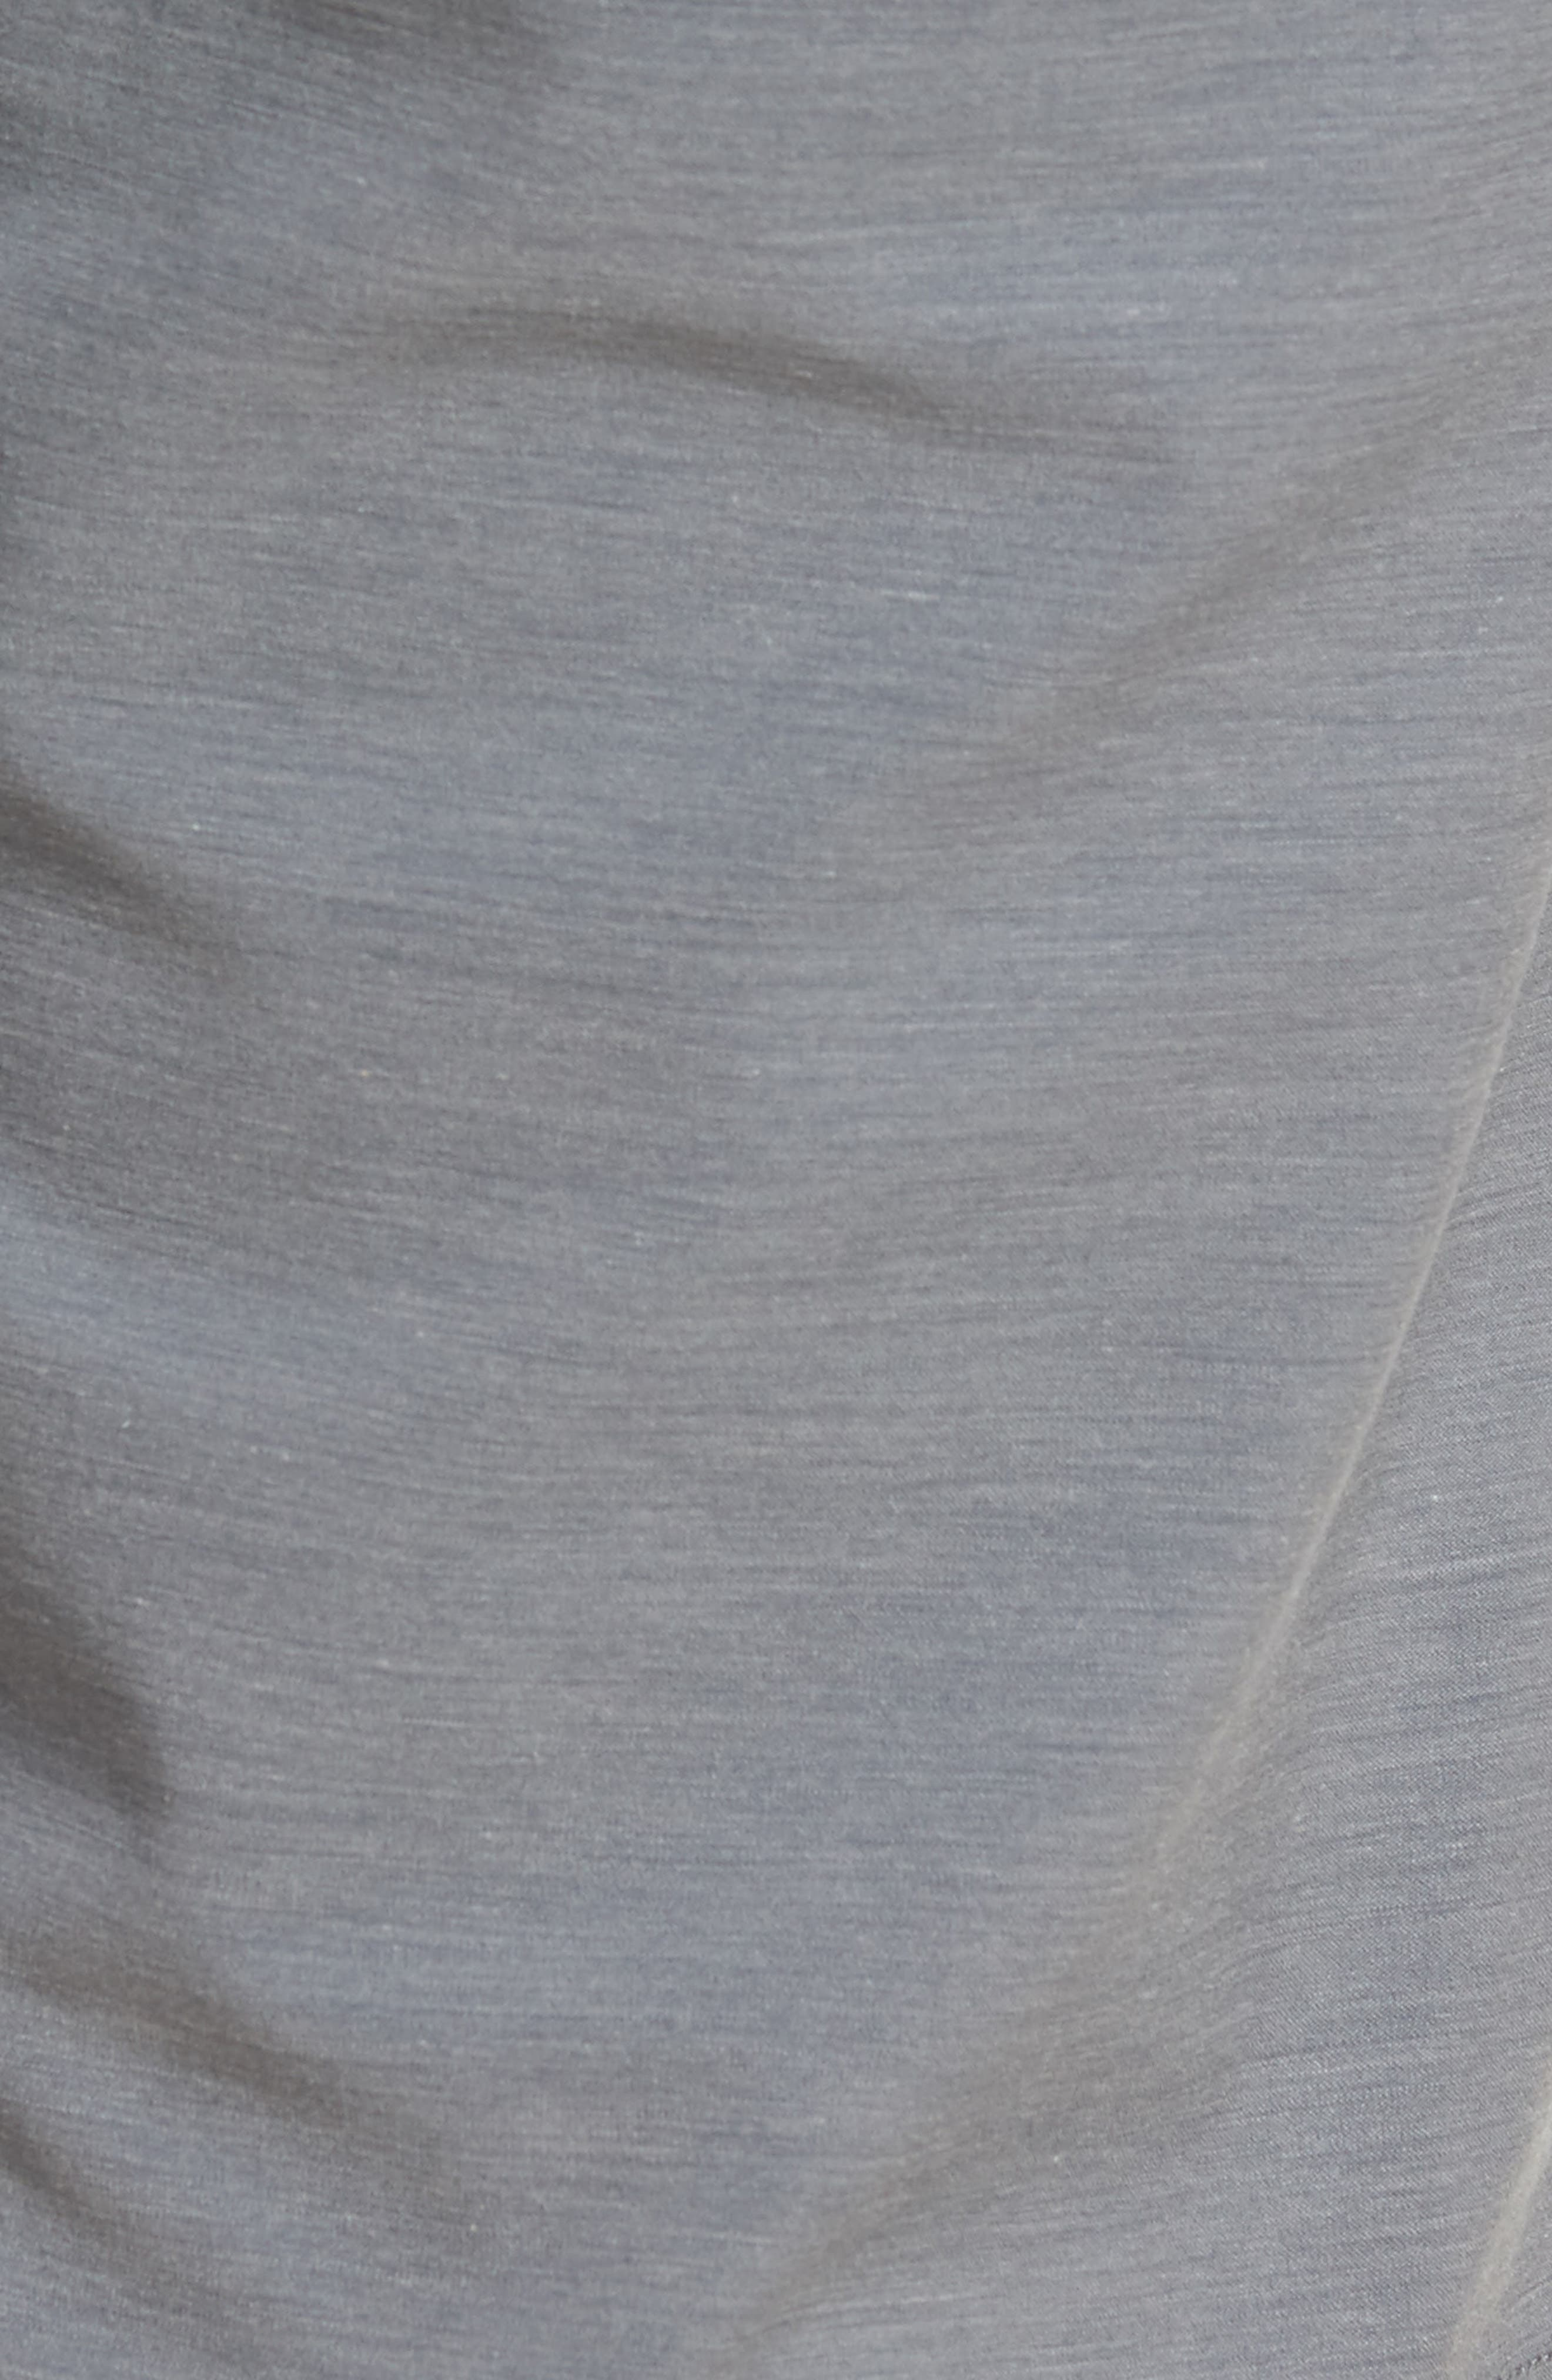 La Paz Regular Fit Slub Knit Shorts,                             Alternate thumbnail 5, color,                             Sharkskin